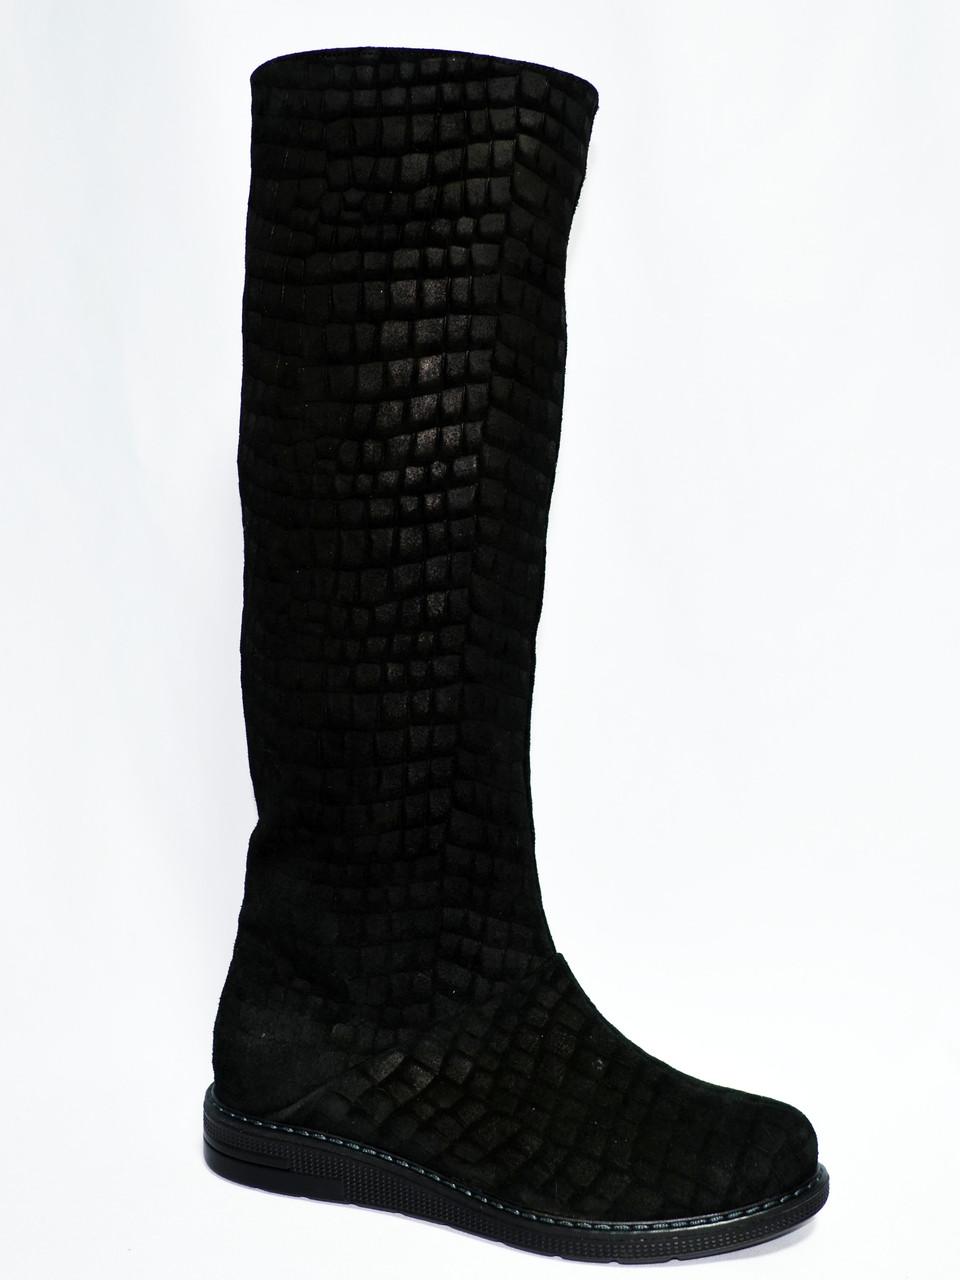 Женские сапоги на низком ходу из натуральной замши (замш-плита).